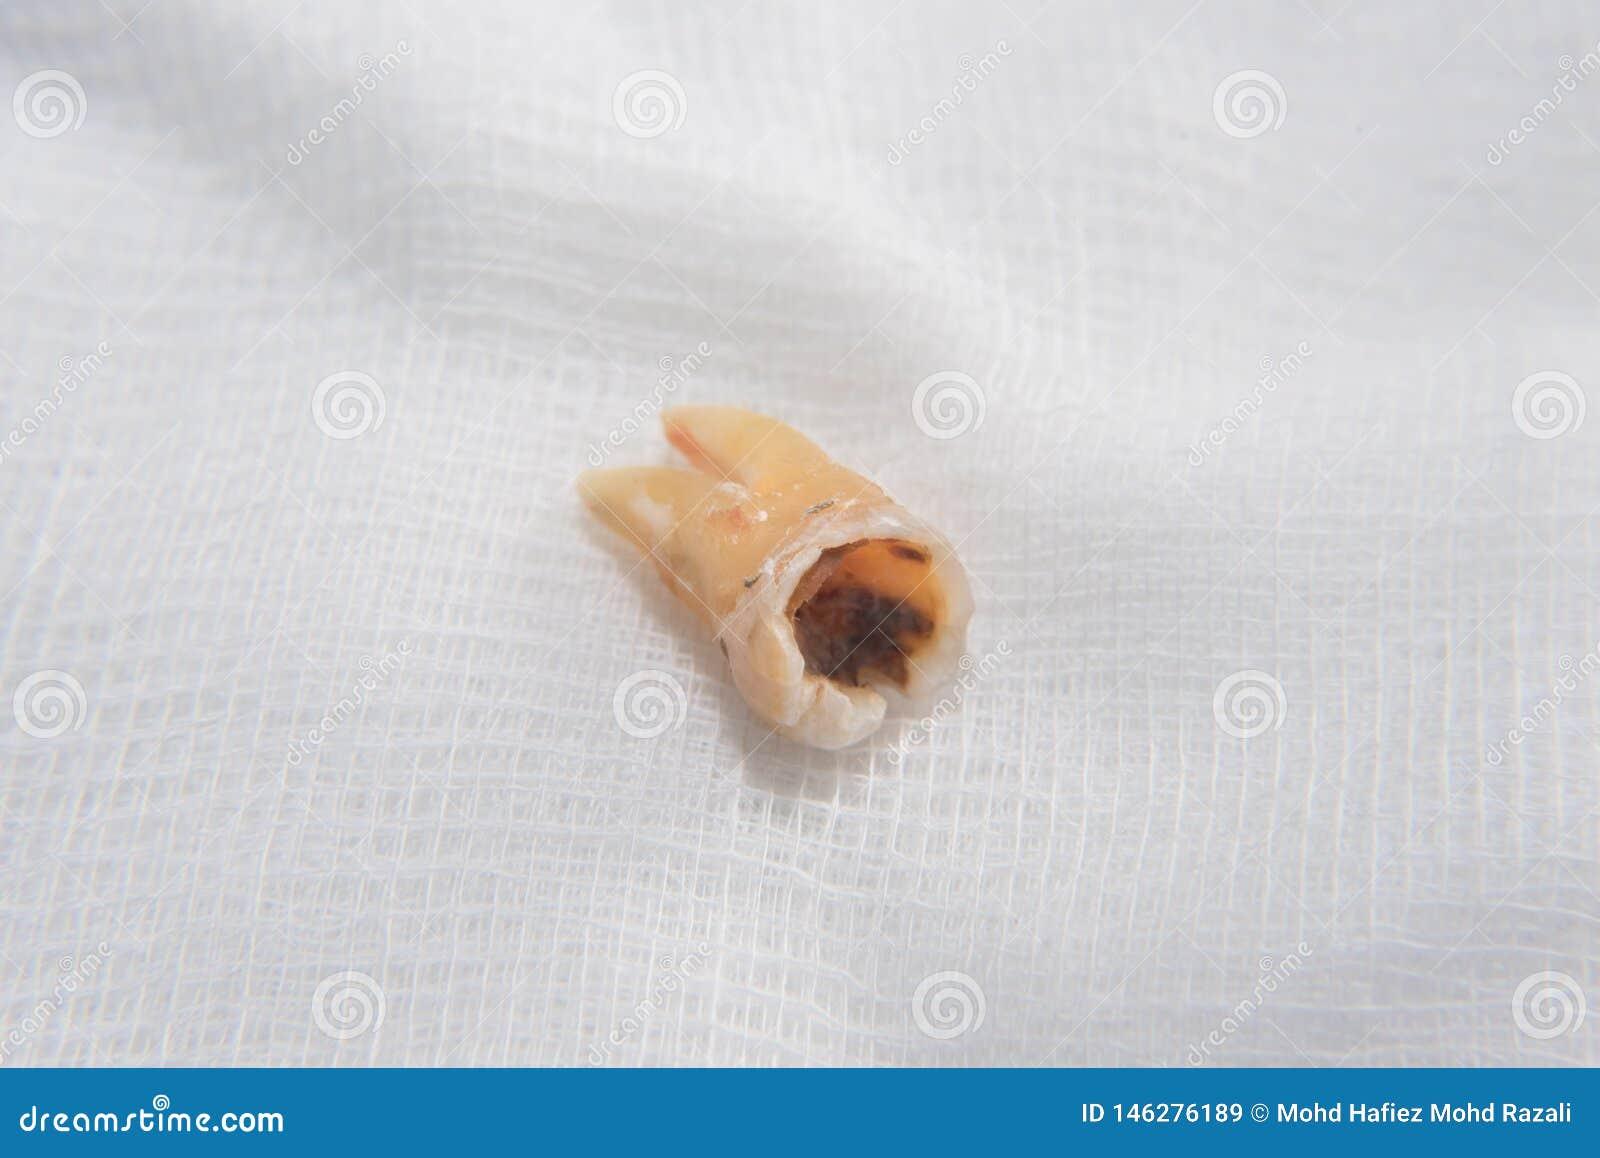 Chiuda su di un danno e di un dente molare rotto su una garza bianca